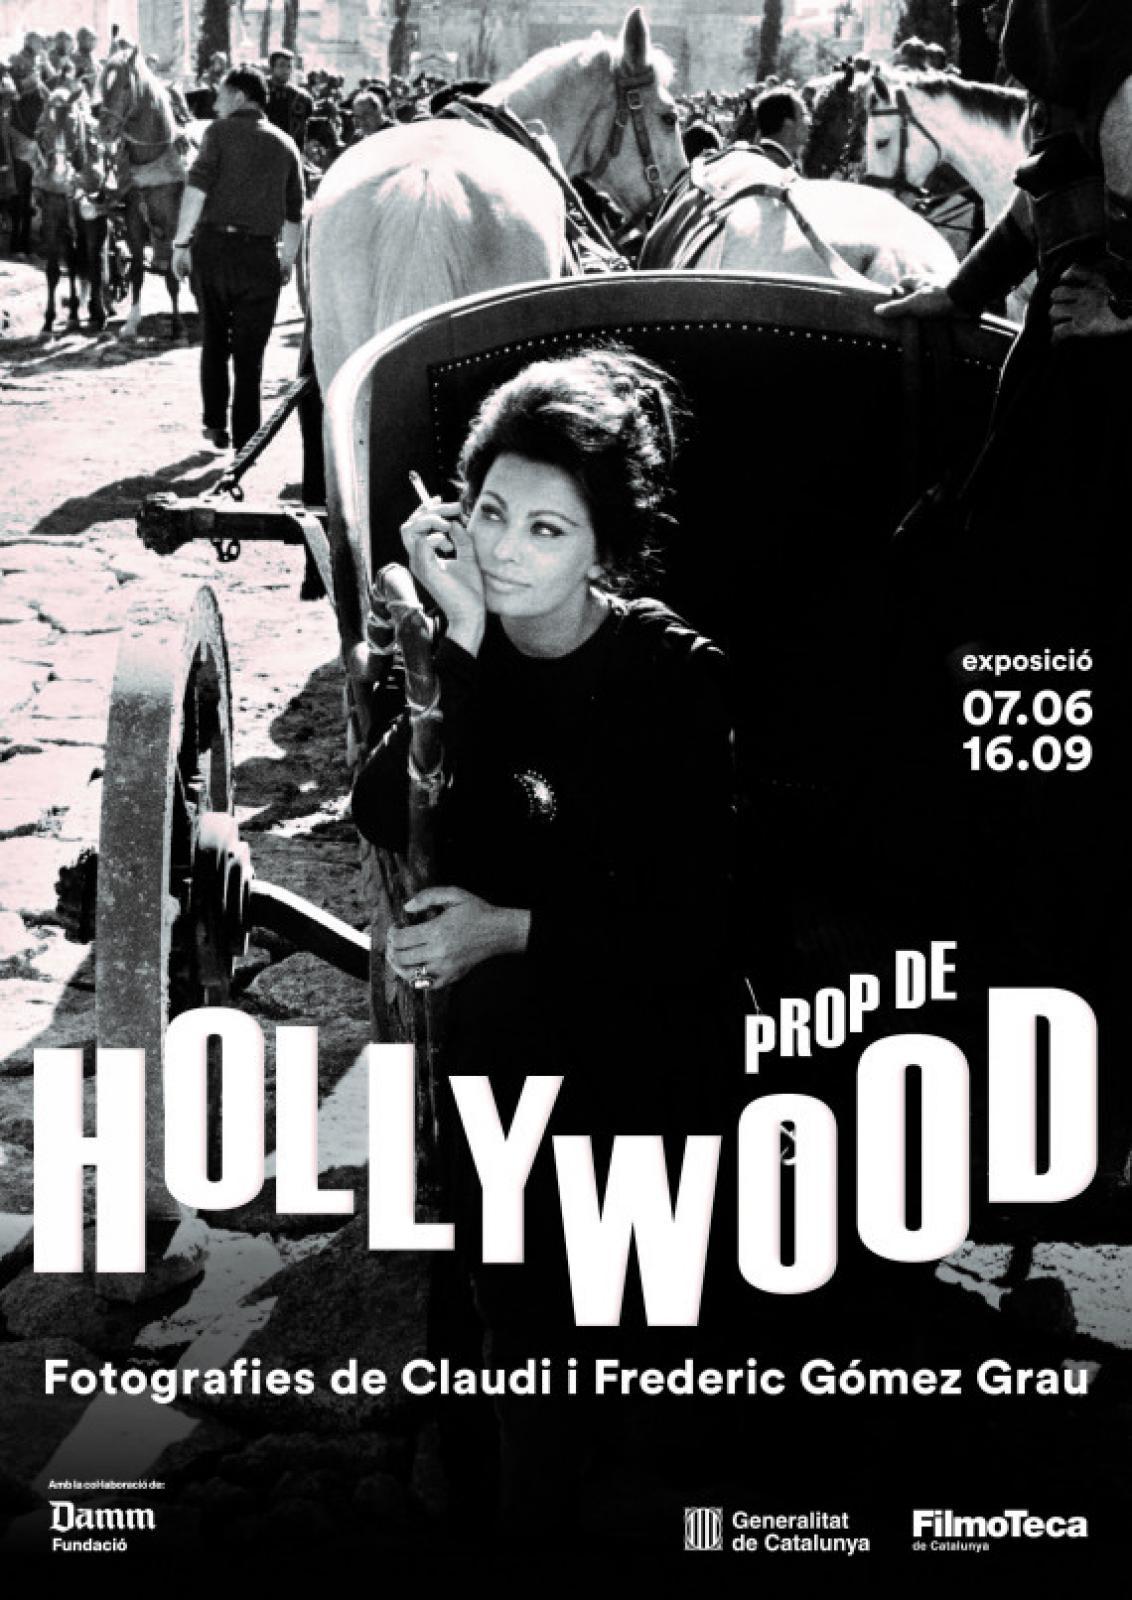 Exposició 'Prop de Hollywood. Fotografies de Claudi i Frederic Gómez Grau'